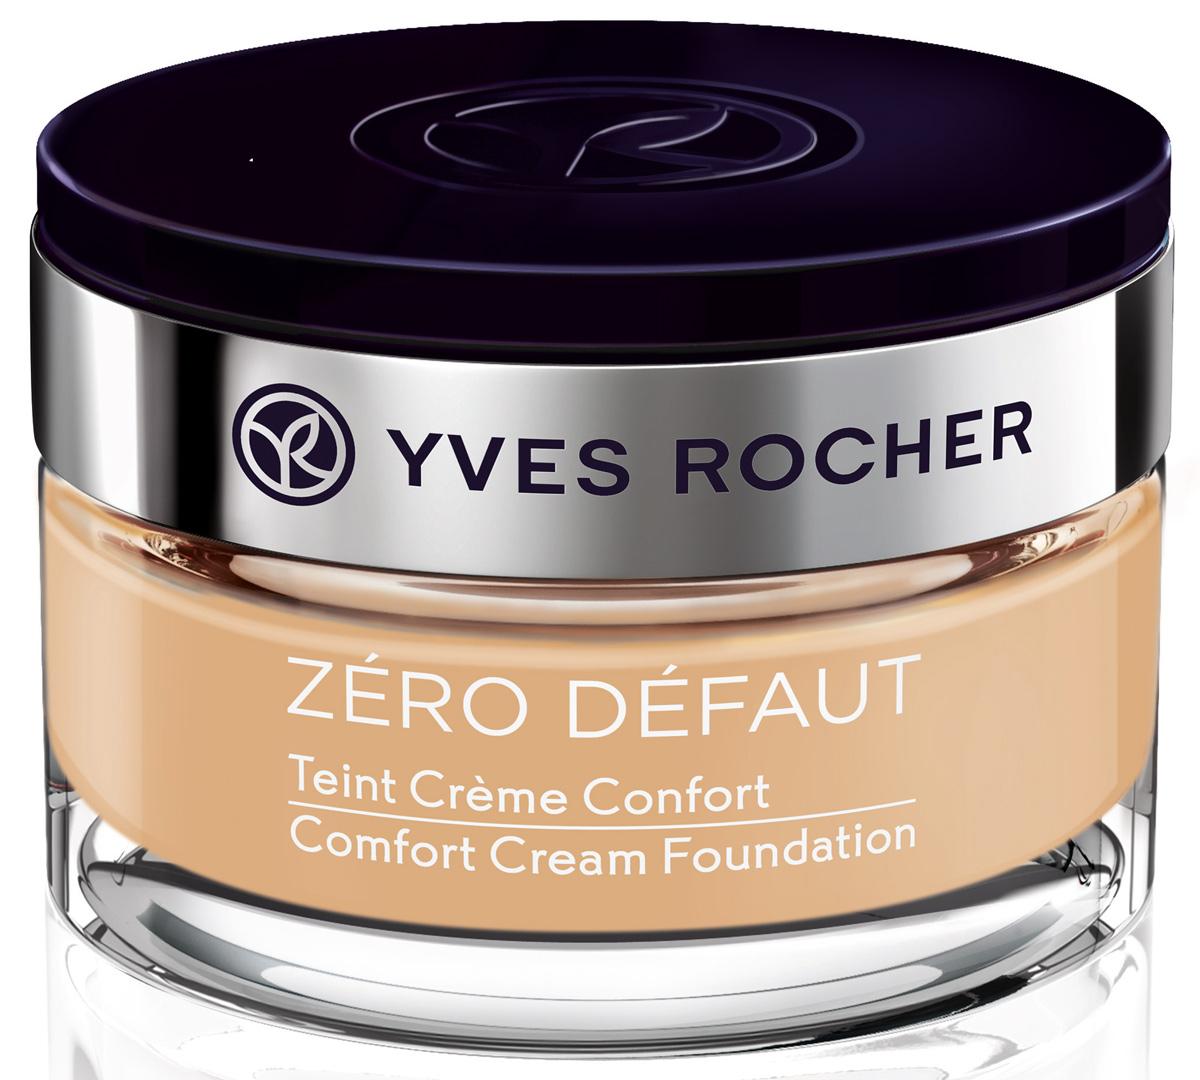 Yves Rocher тональный крем комфорт Ноль недостатков, бежевый 100, 40 мл тональный крем комфорт 40 мл yves rocher тональный крем комфорт 40 мл